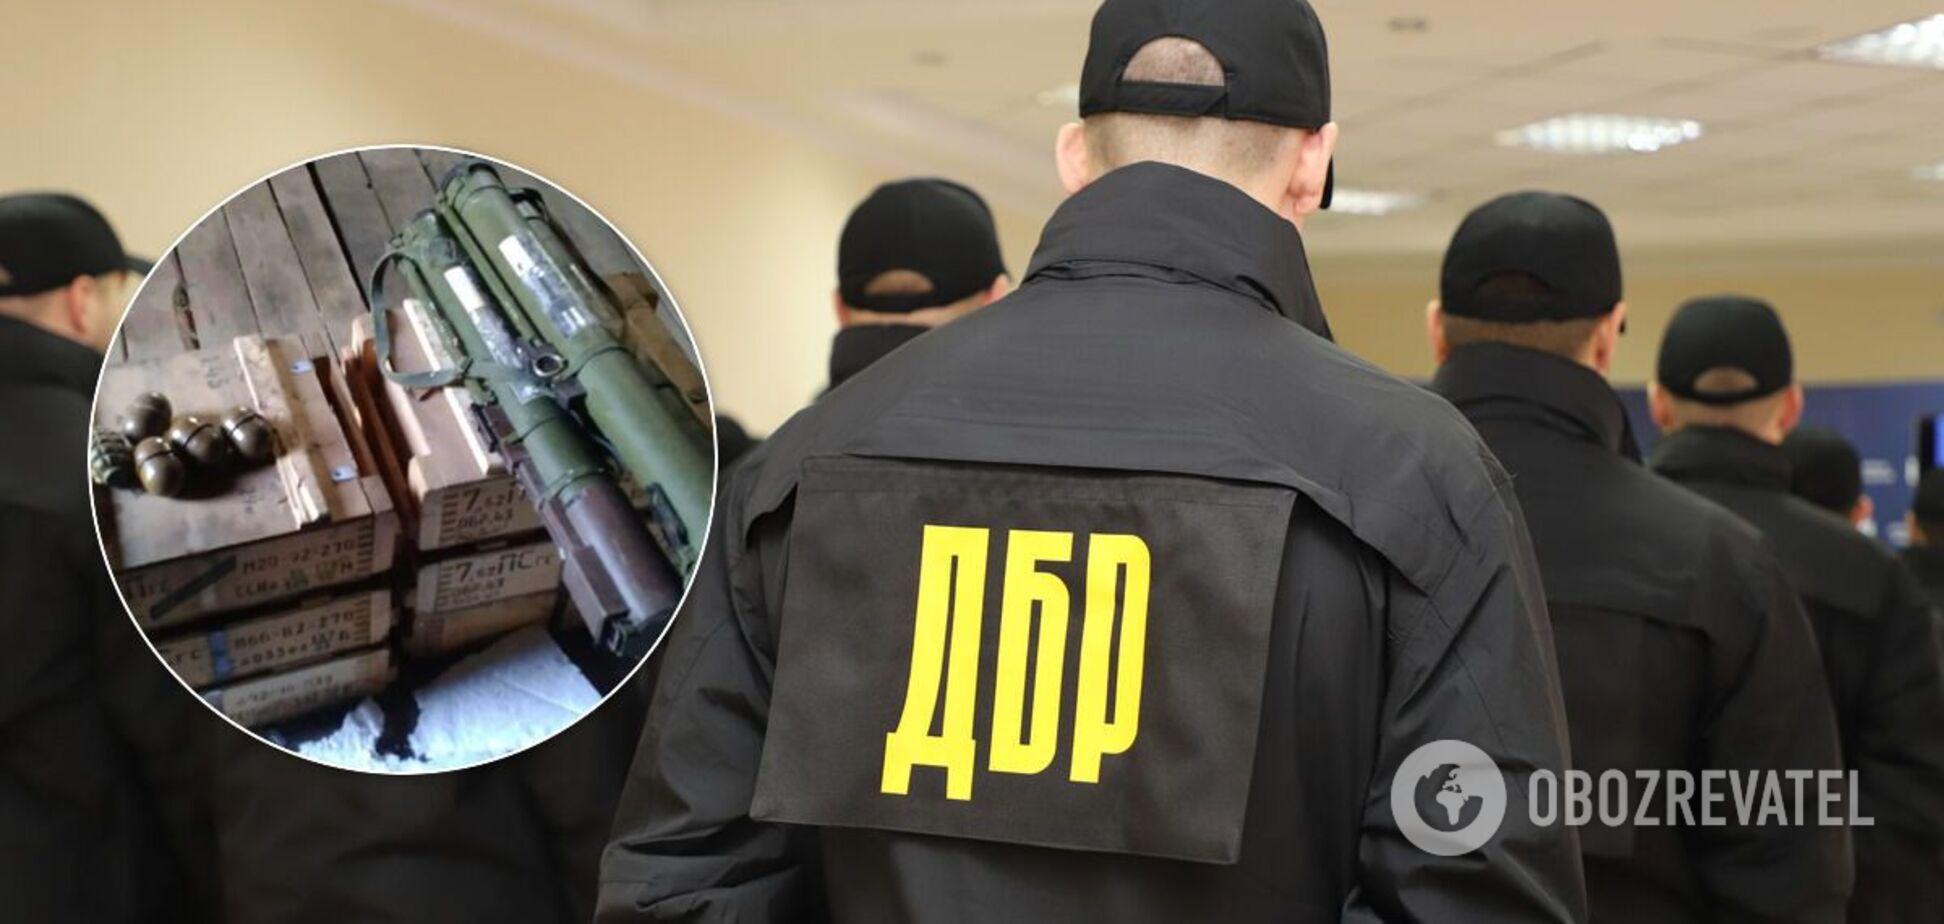 ДБР викрило вивезення боєприпасів із району проведення ООС